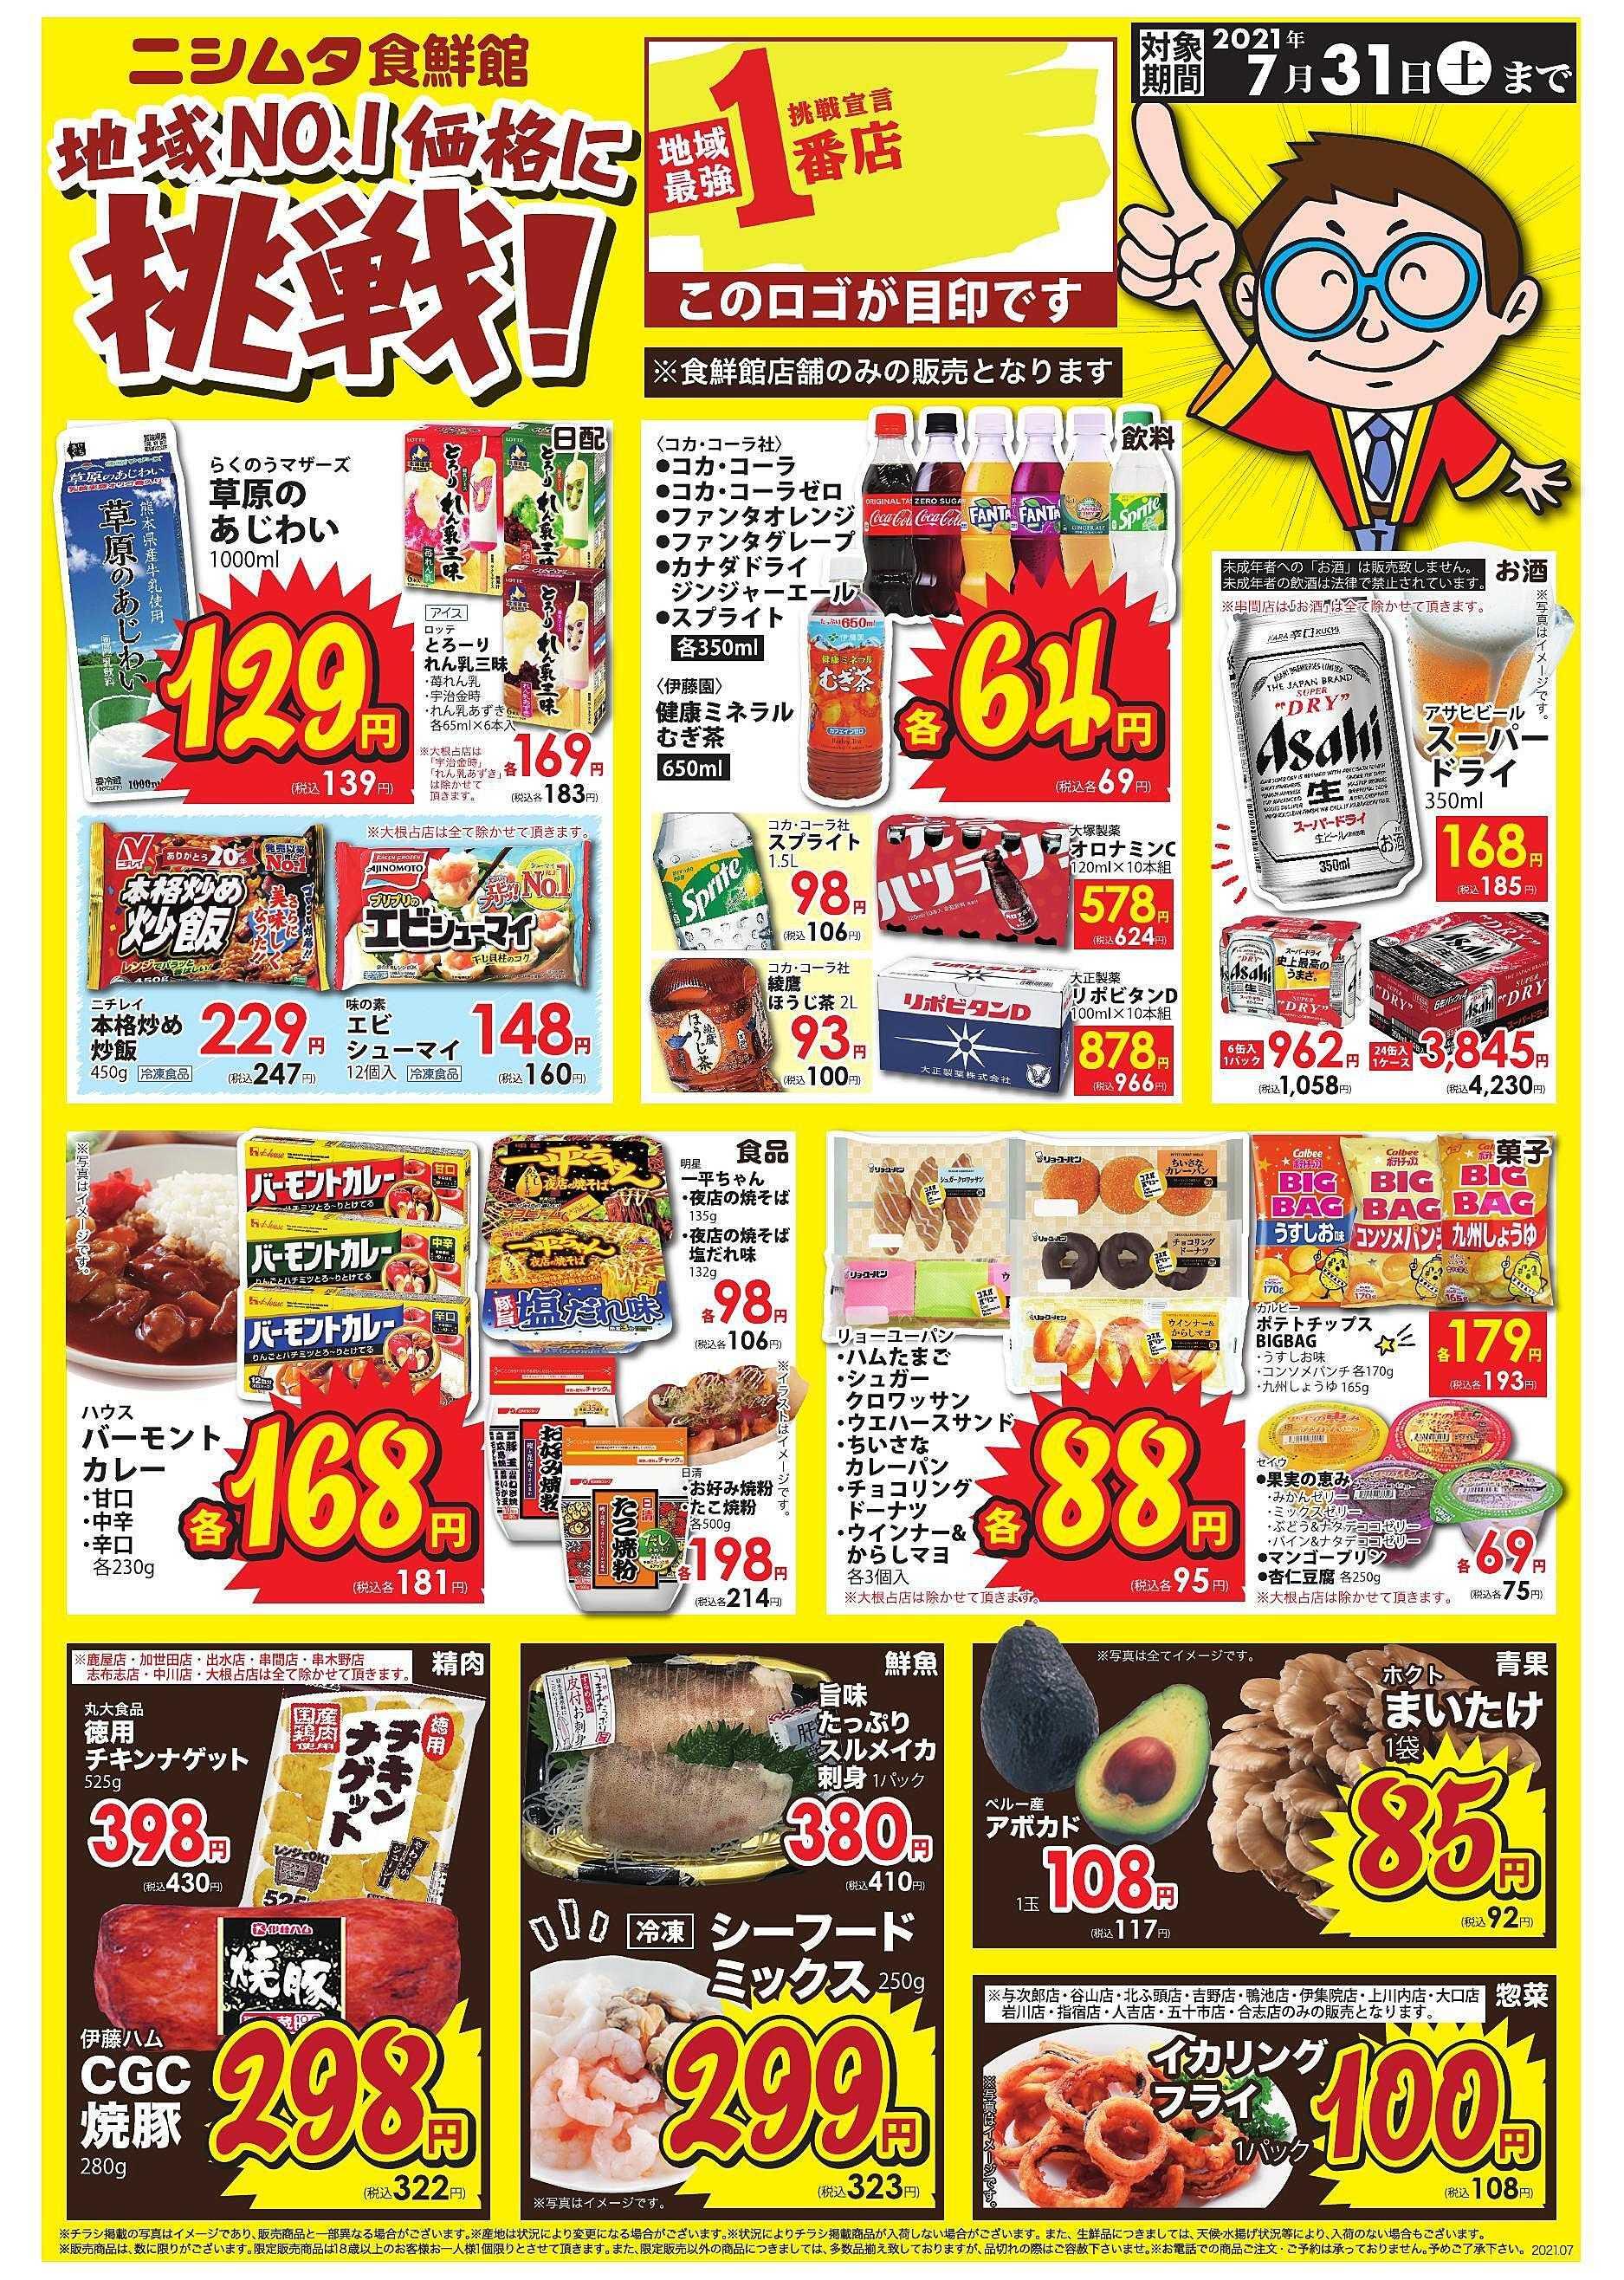 ニシムタスカイマーケット 地域No1価格に挑戦!